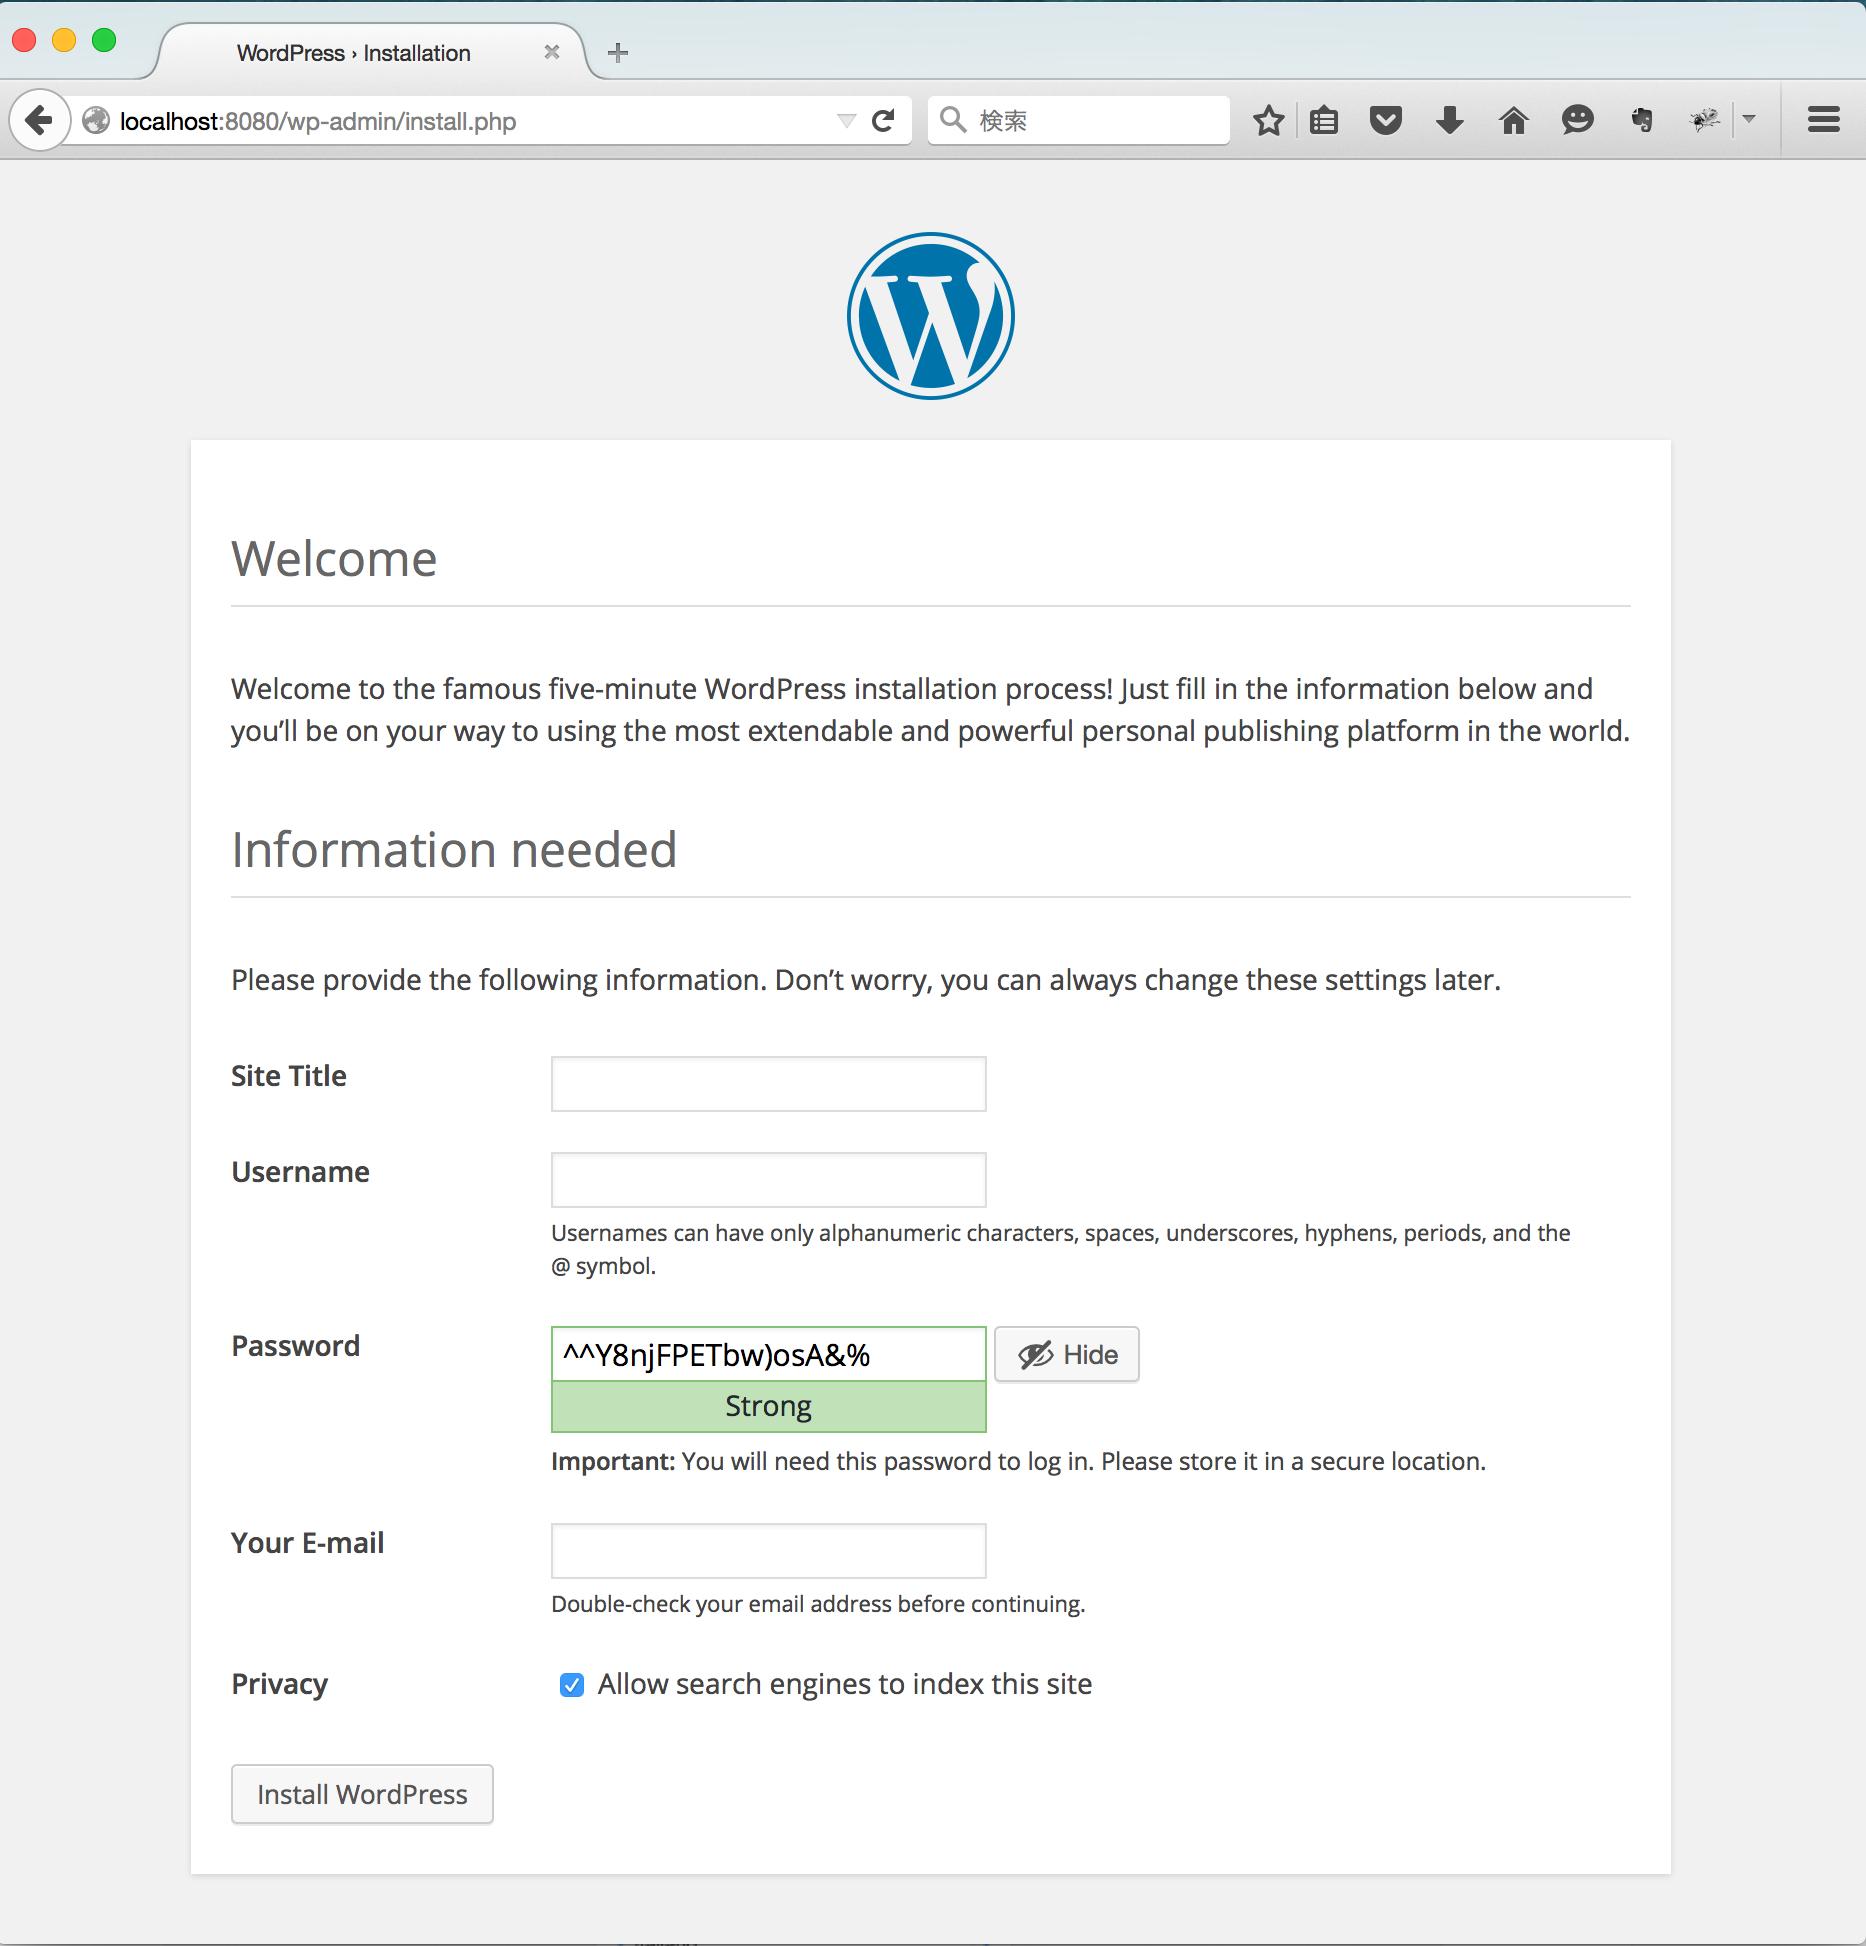 docker-on-ubuntu-wordpress